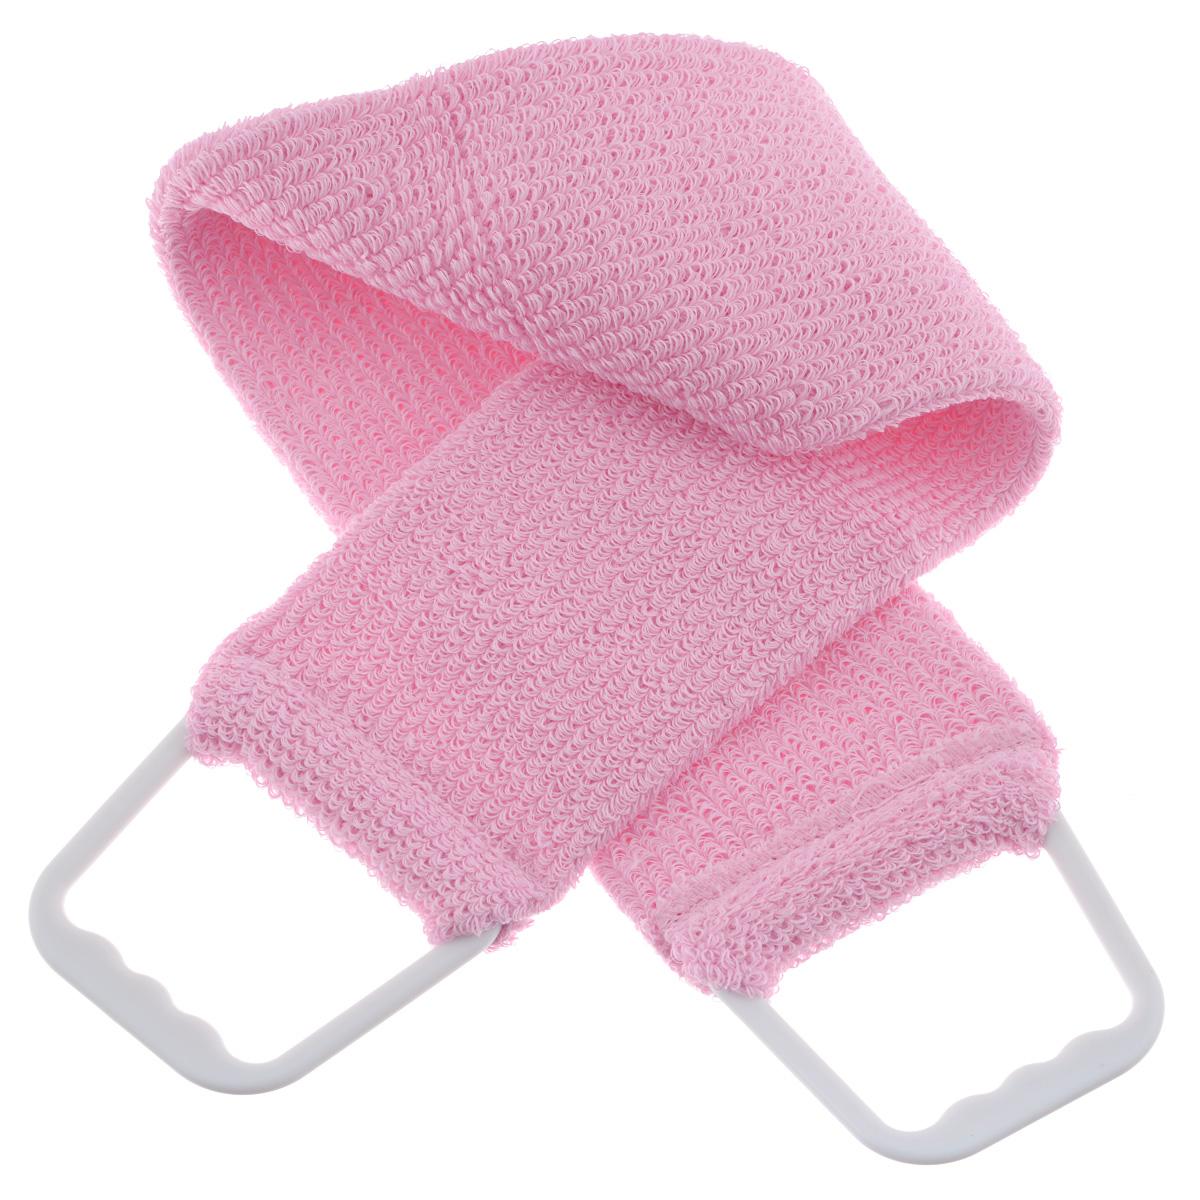 Мочалка 103, цвет: розовый103 розовыйМочалка-пояс Riffi используется для мытья тела, обладает активным пилинговым действием, тонизируя, массируя и эффективно очищая вашу кожу. Хлопковая основа придает мочалке высокие моющие свойства, а примесь жестких синтетических волокон усиливает ее массажное воздействие на кожу. Для удобства применения пояс снабжен двумя пластиковыми ручками. Благодаря отшелушивающему эффекту мочалки-пояса, кожа освобождается от отмерших клеток, становится гладкой, упругой и свежей. Массаж тела с применением Riffi стимулирует кровообращение, активирует кровоснабжение, способствует обмену веществ, что в свою очередь позволяет себя чувствовать бодрым и отдохнувшим после принятия душа или ванны. Riffi регенерирует кожу, делает ее приятно нежной, мягкой и лучше готовой к принятию косметических средств. Приносит приятное расслабление всему организму. Борется со спазмами и болями в мышцах, предупреждает образование целлюлита и обеспечивает омолаживающий эффект. Моет легко и энергично. Быстро...